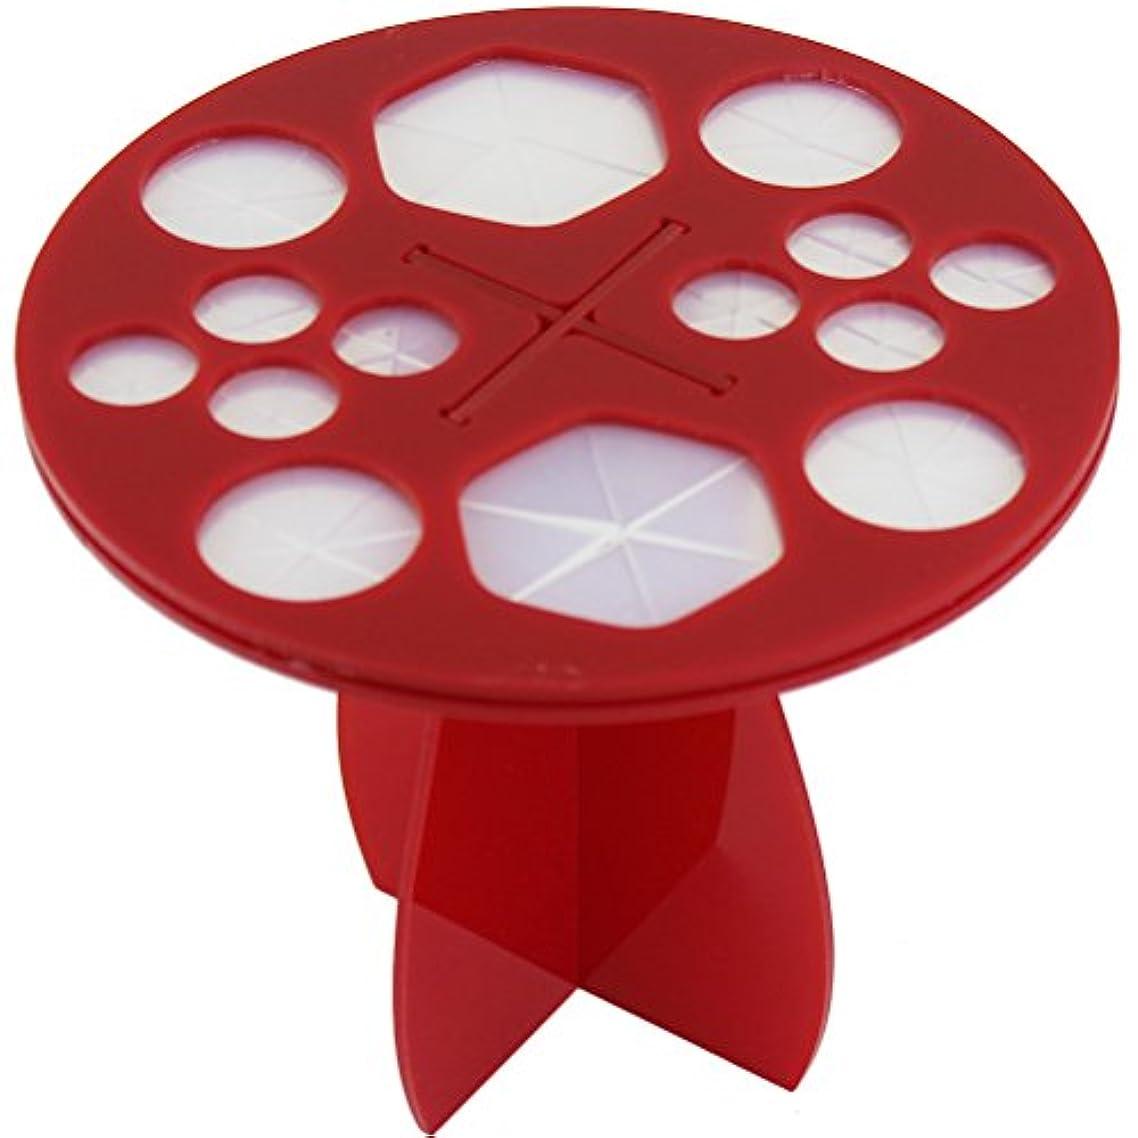 事業内容先見の明試み(メイクアップエーシーシー) MakeupAcc メイクブラシ干しラック ブラシ収納 アクリル乾かすブラシフレーム メイクアップブラシホルダー  ラウンド型 3色 (赤) [並行輸入品]